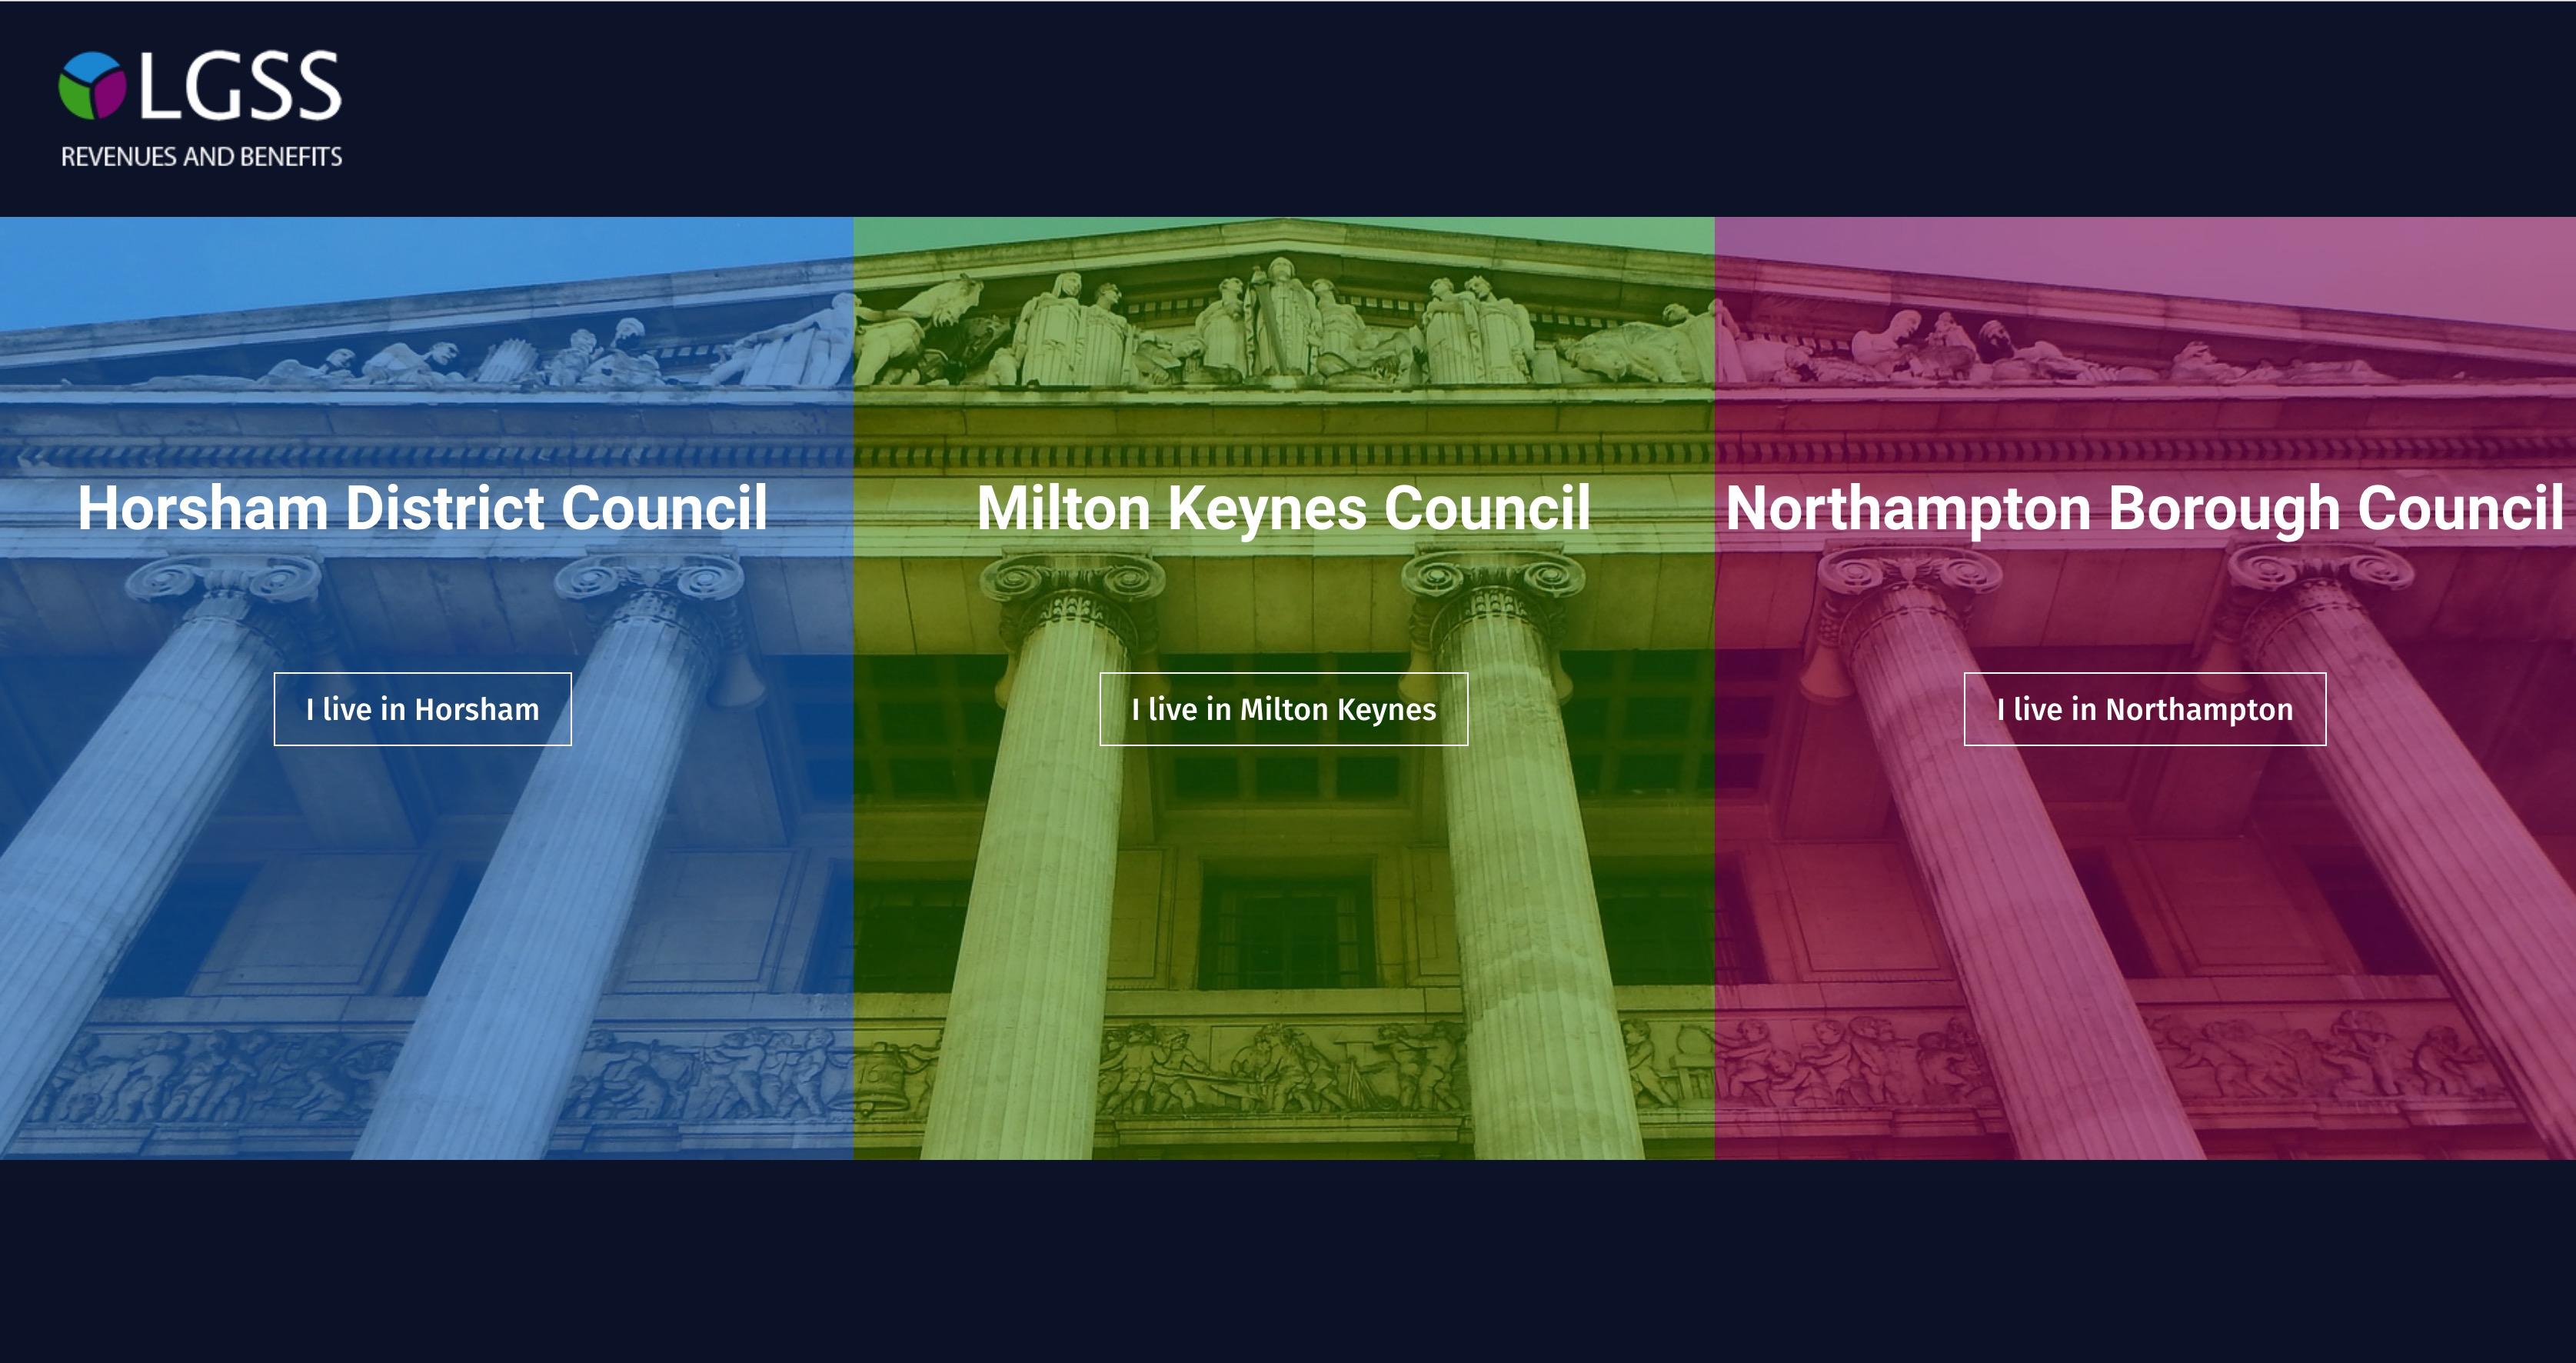 Council tax website